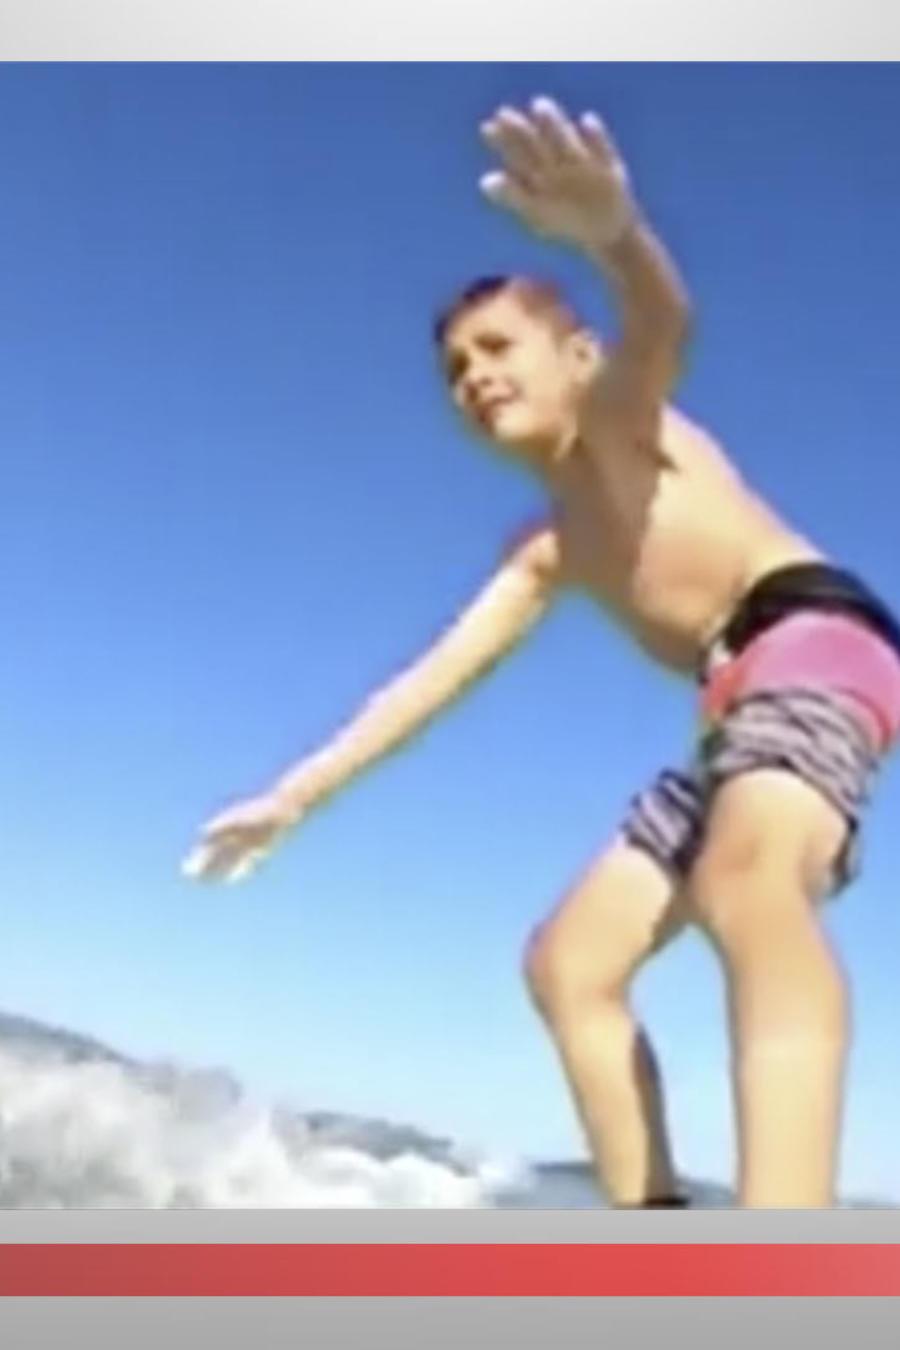 Un niño surfista